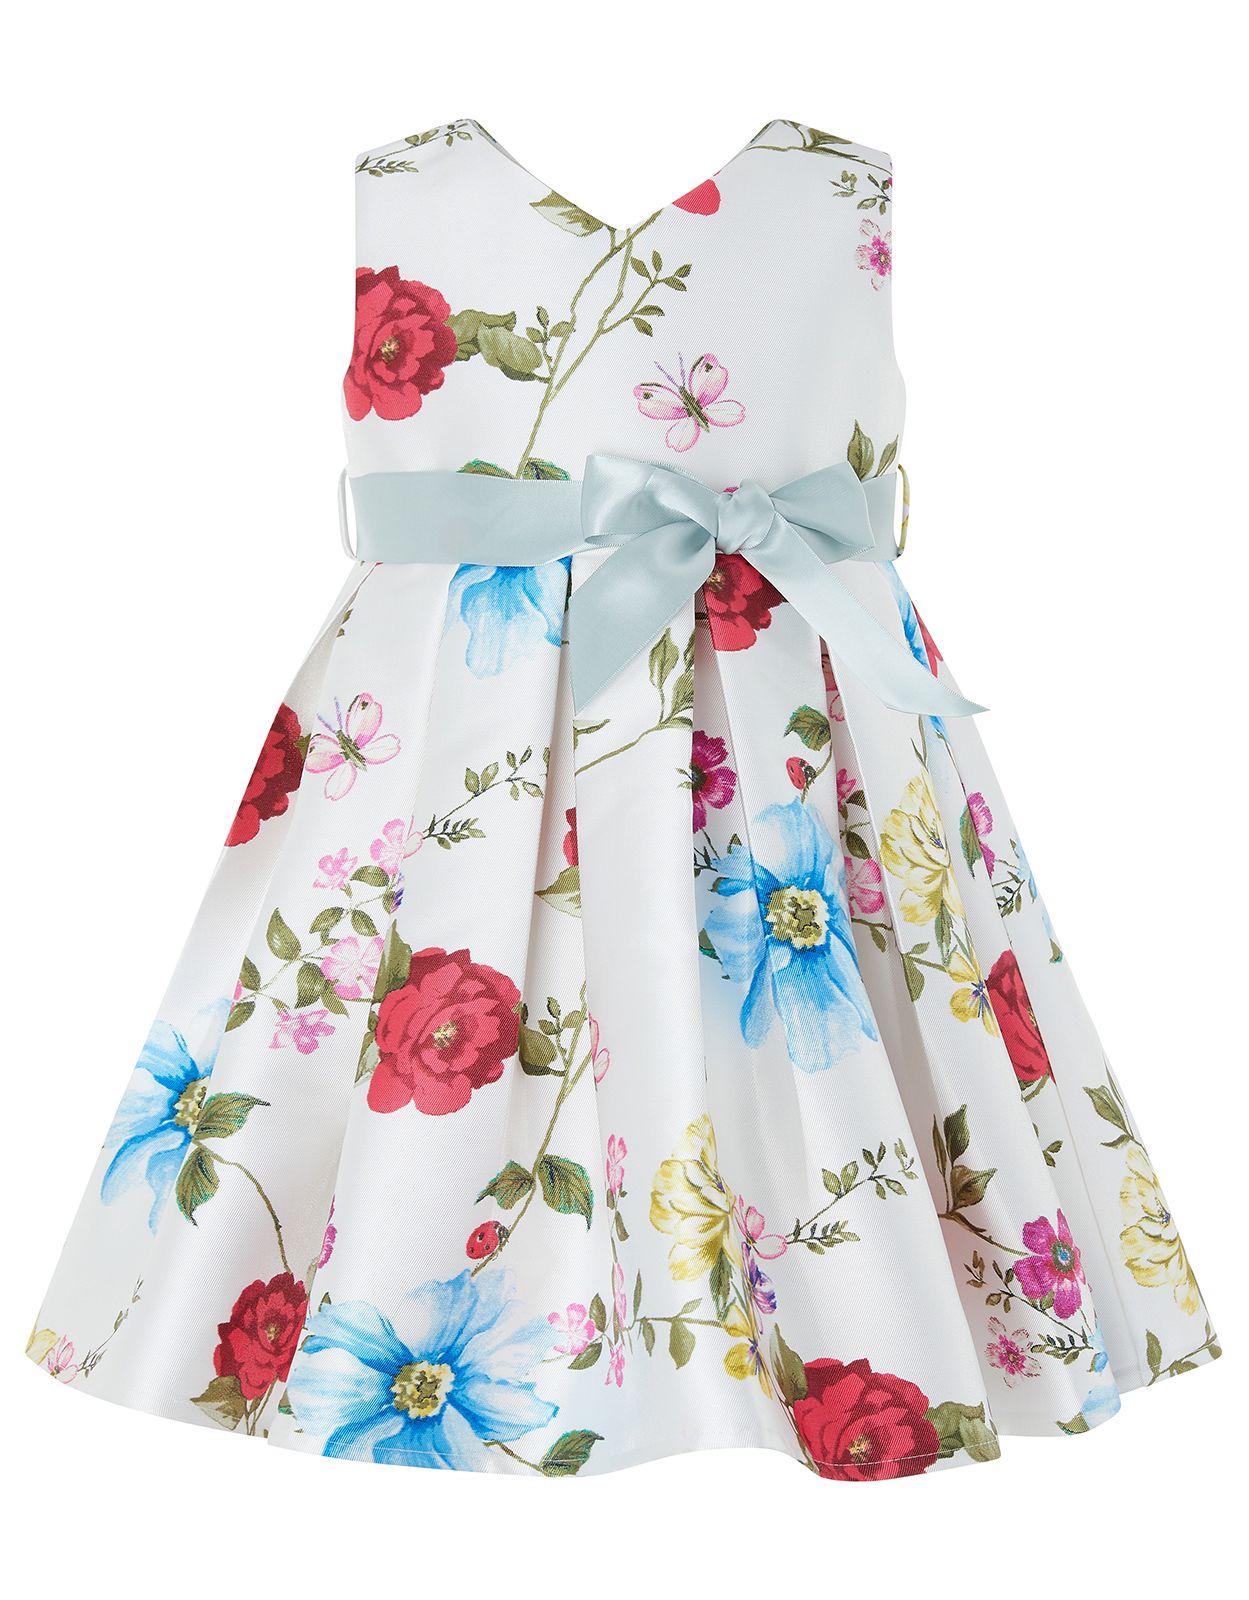 Baby Girls Clothes Bundle 0 3 mois Vêtements, accessoires Lots